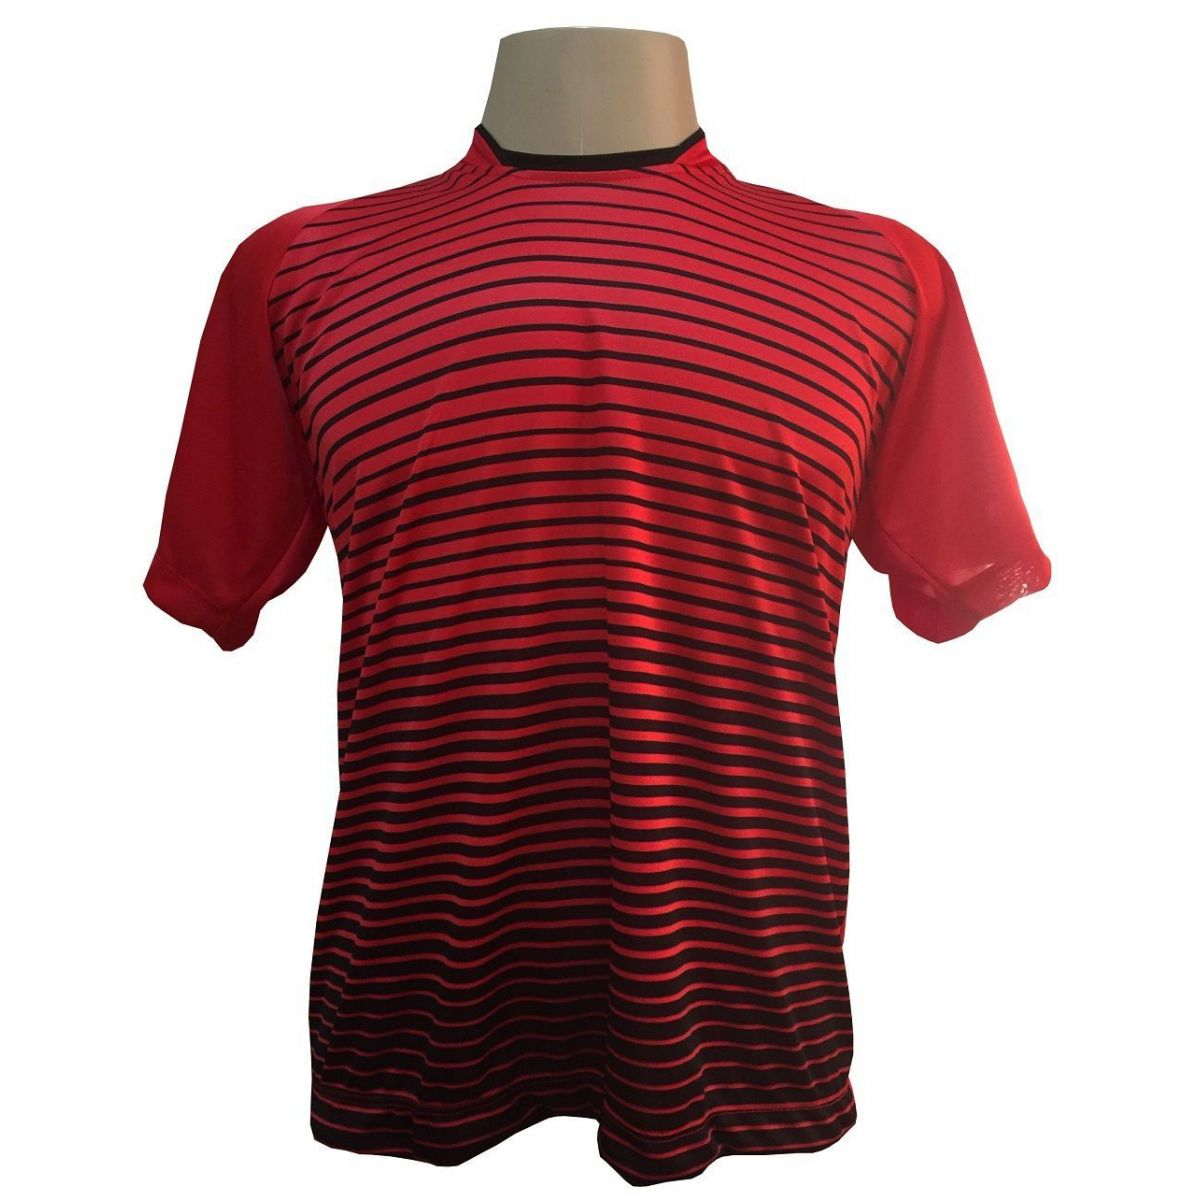 Uniforme Esportivo com 18 camisas modelo City Vermelho/Preto + 18 calções modelo Madrid Vermelho + 18 pares de meiões Preto